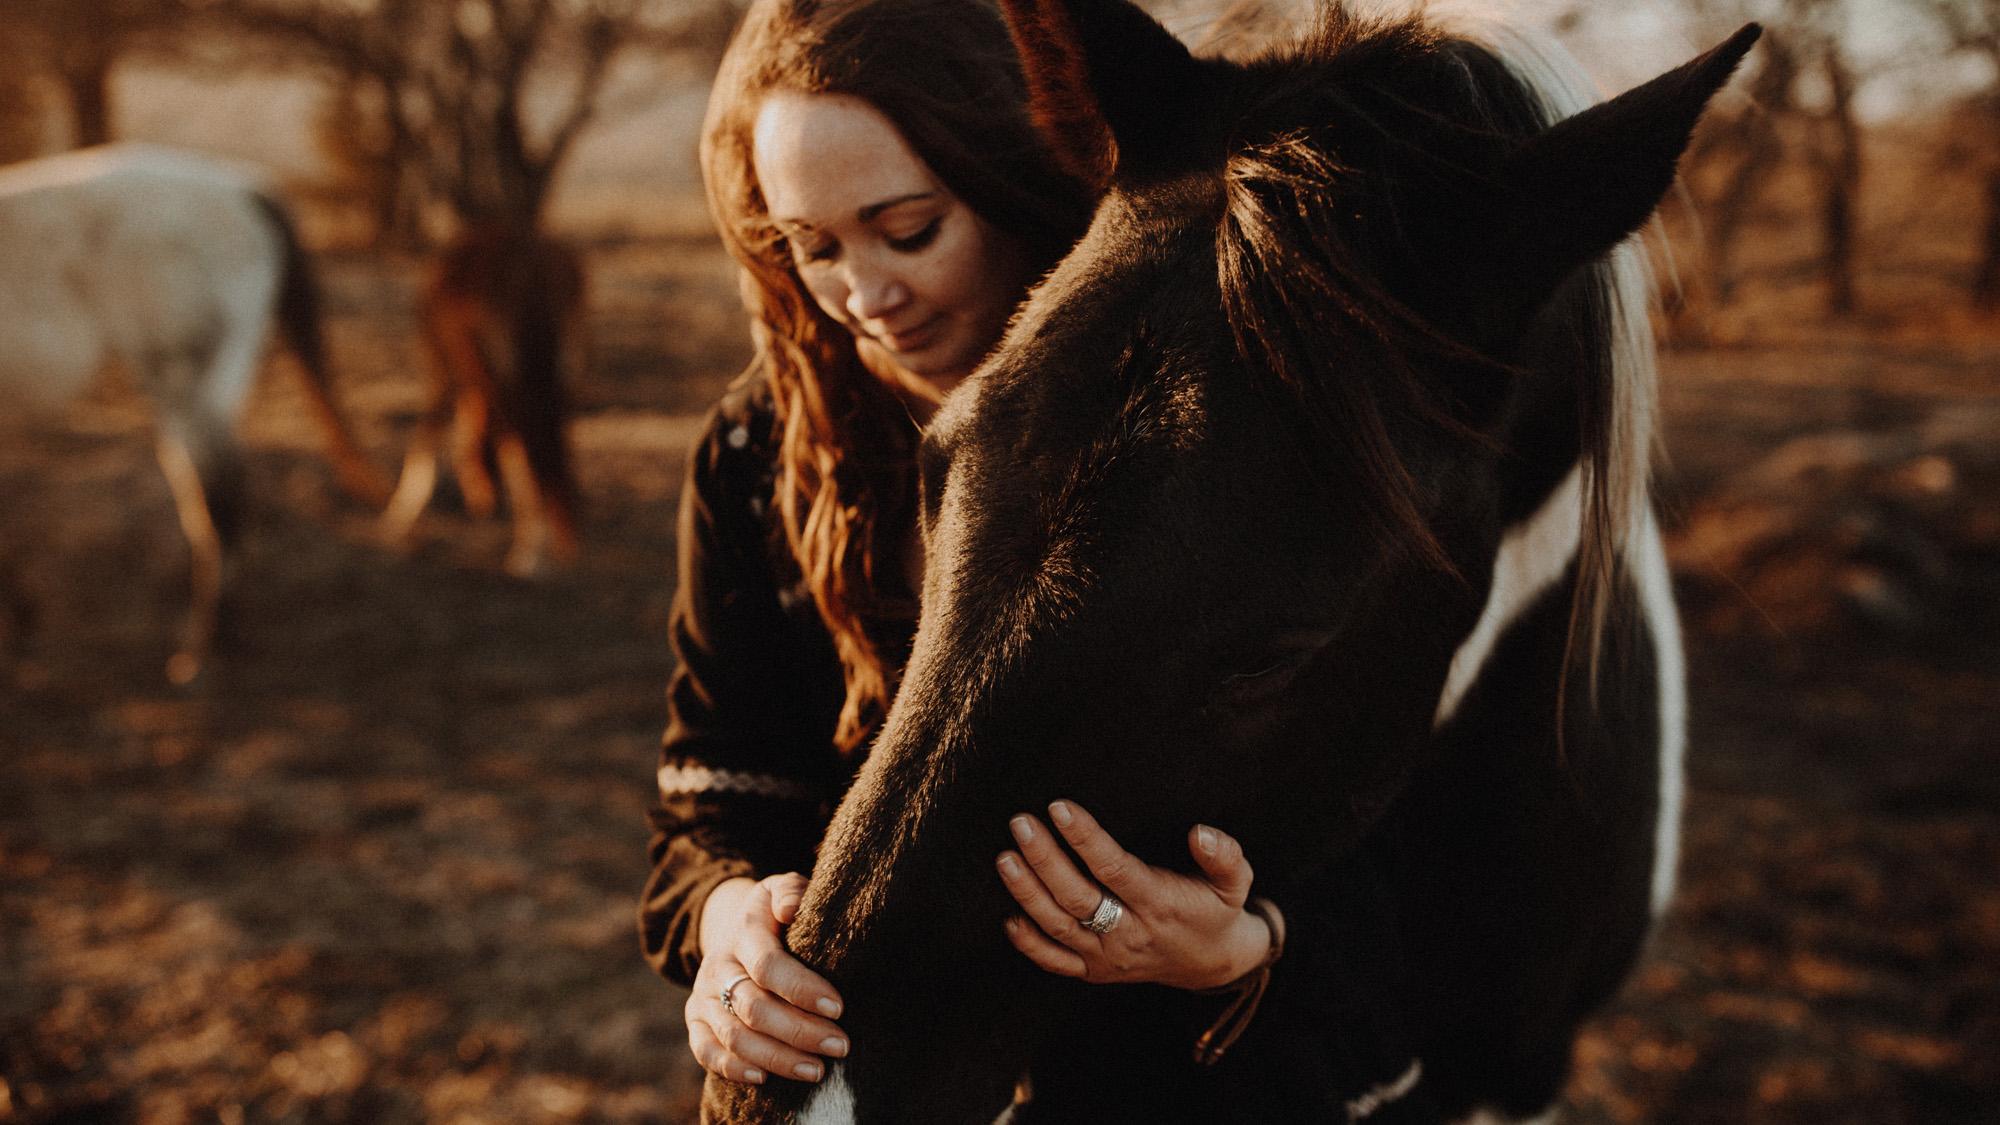 alec_vanderboom_horses_online-0026.jpg